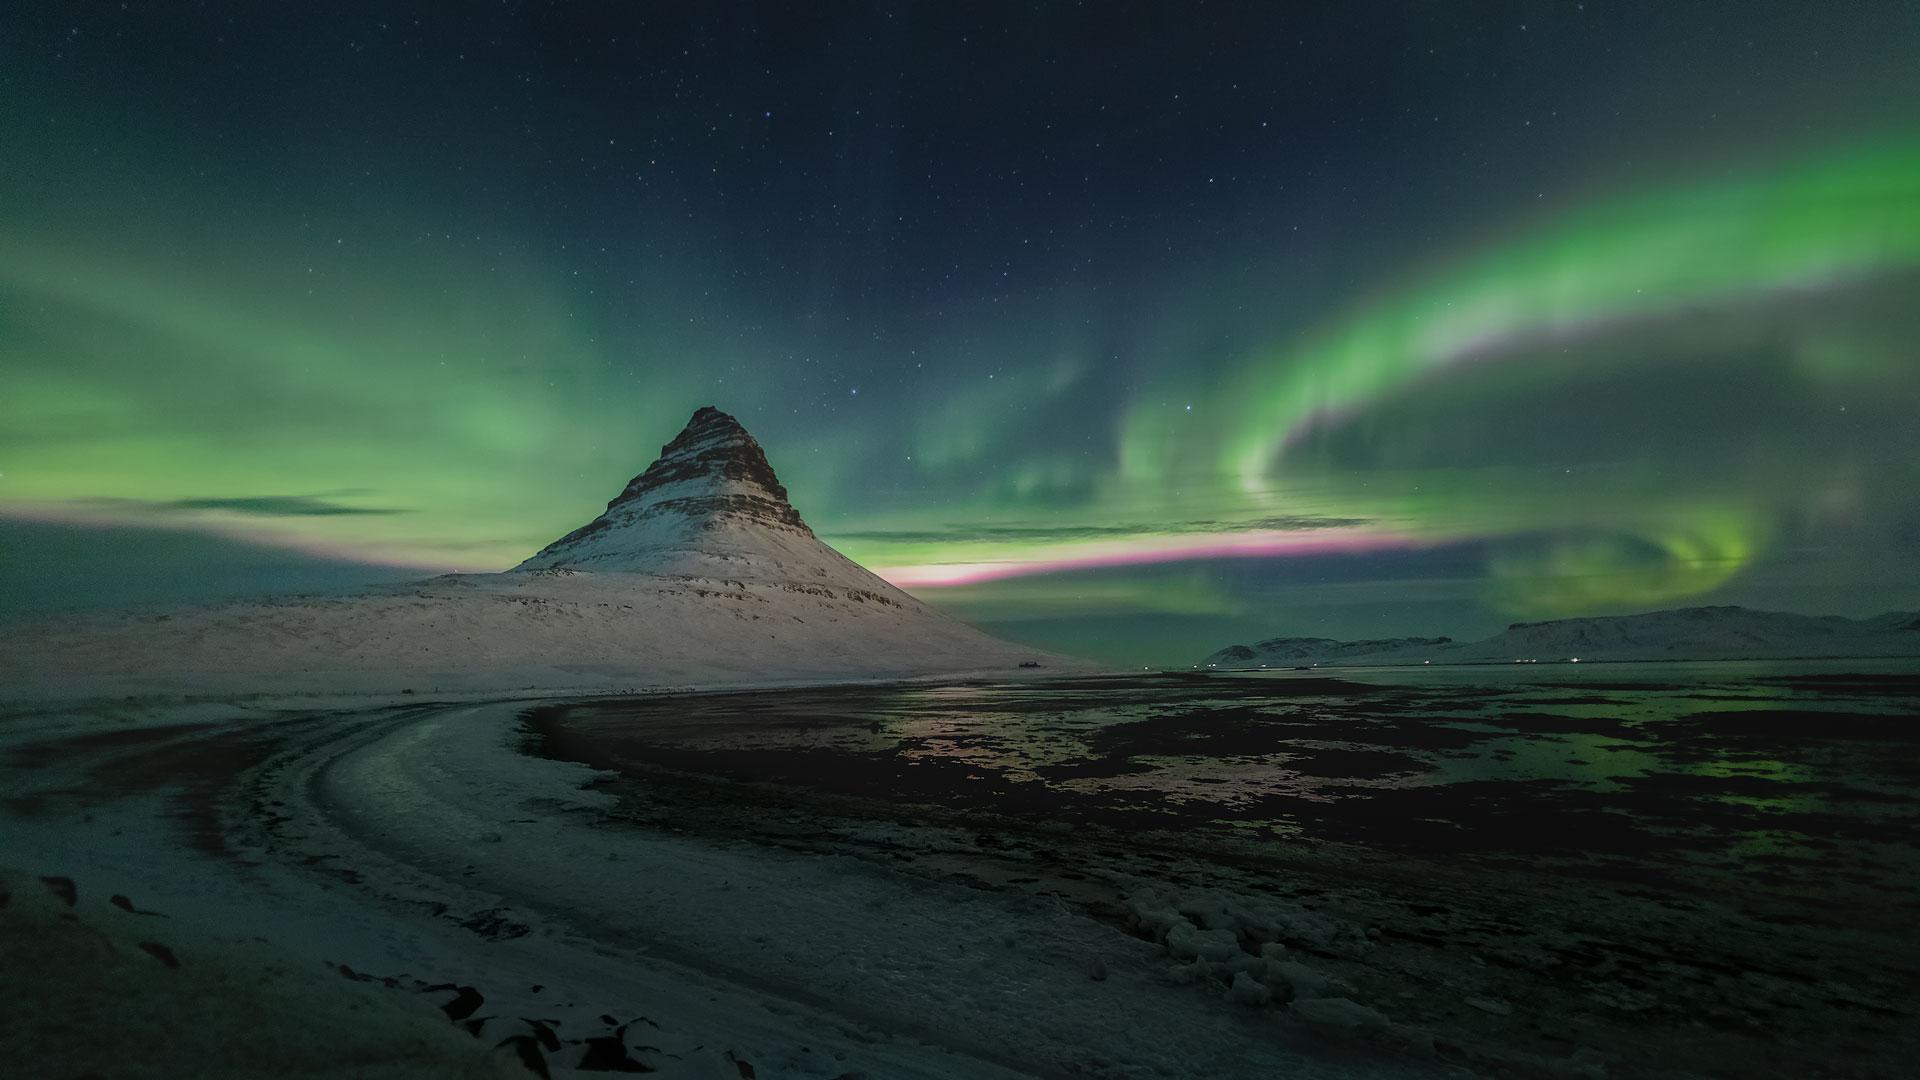 ijsland-feb-2019-159-kopiëren.jpg